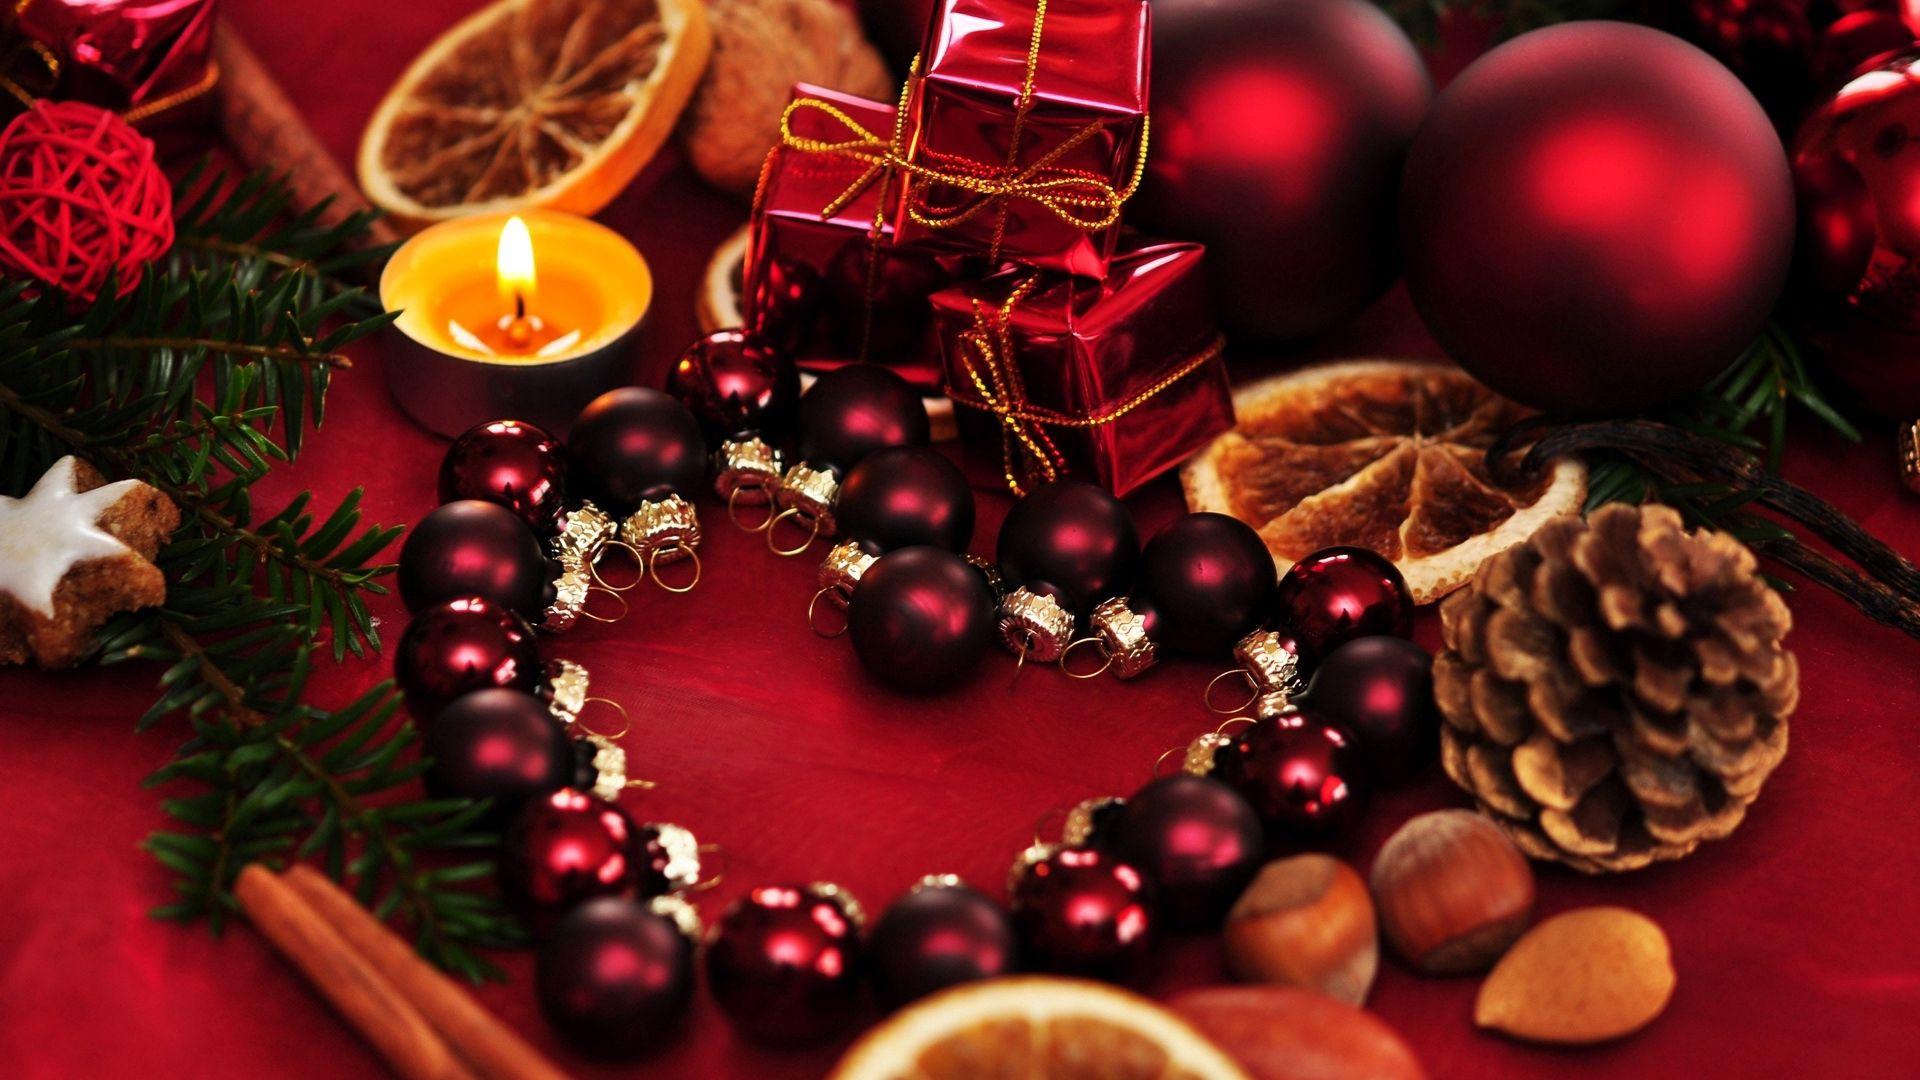 112975 Hintergrundbild herunterladen Feiertage, Weihnachten, Kerzen, Urlaub, Bälle, Die Geschenke, Geschenke - Bildschirmschoner und Bilder kostenlos